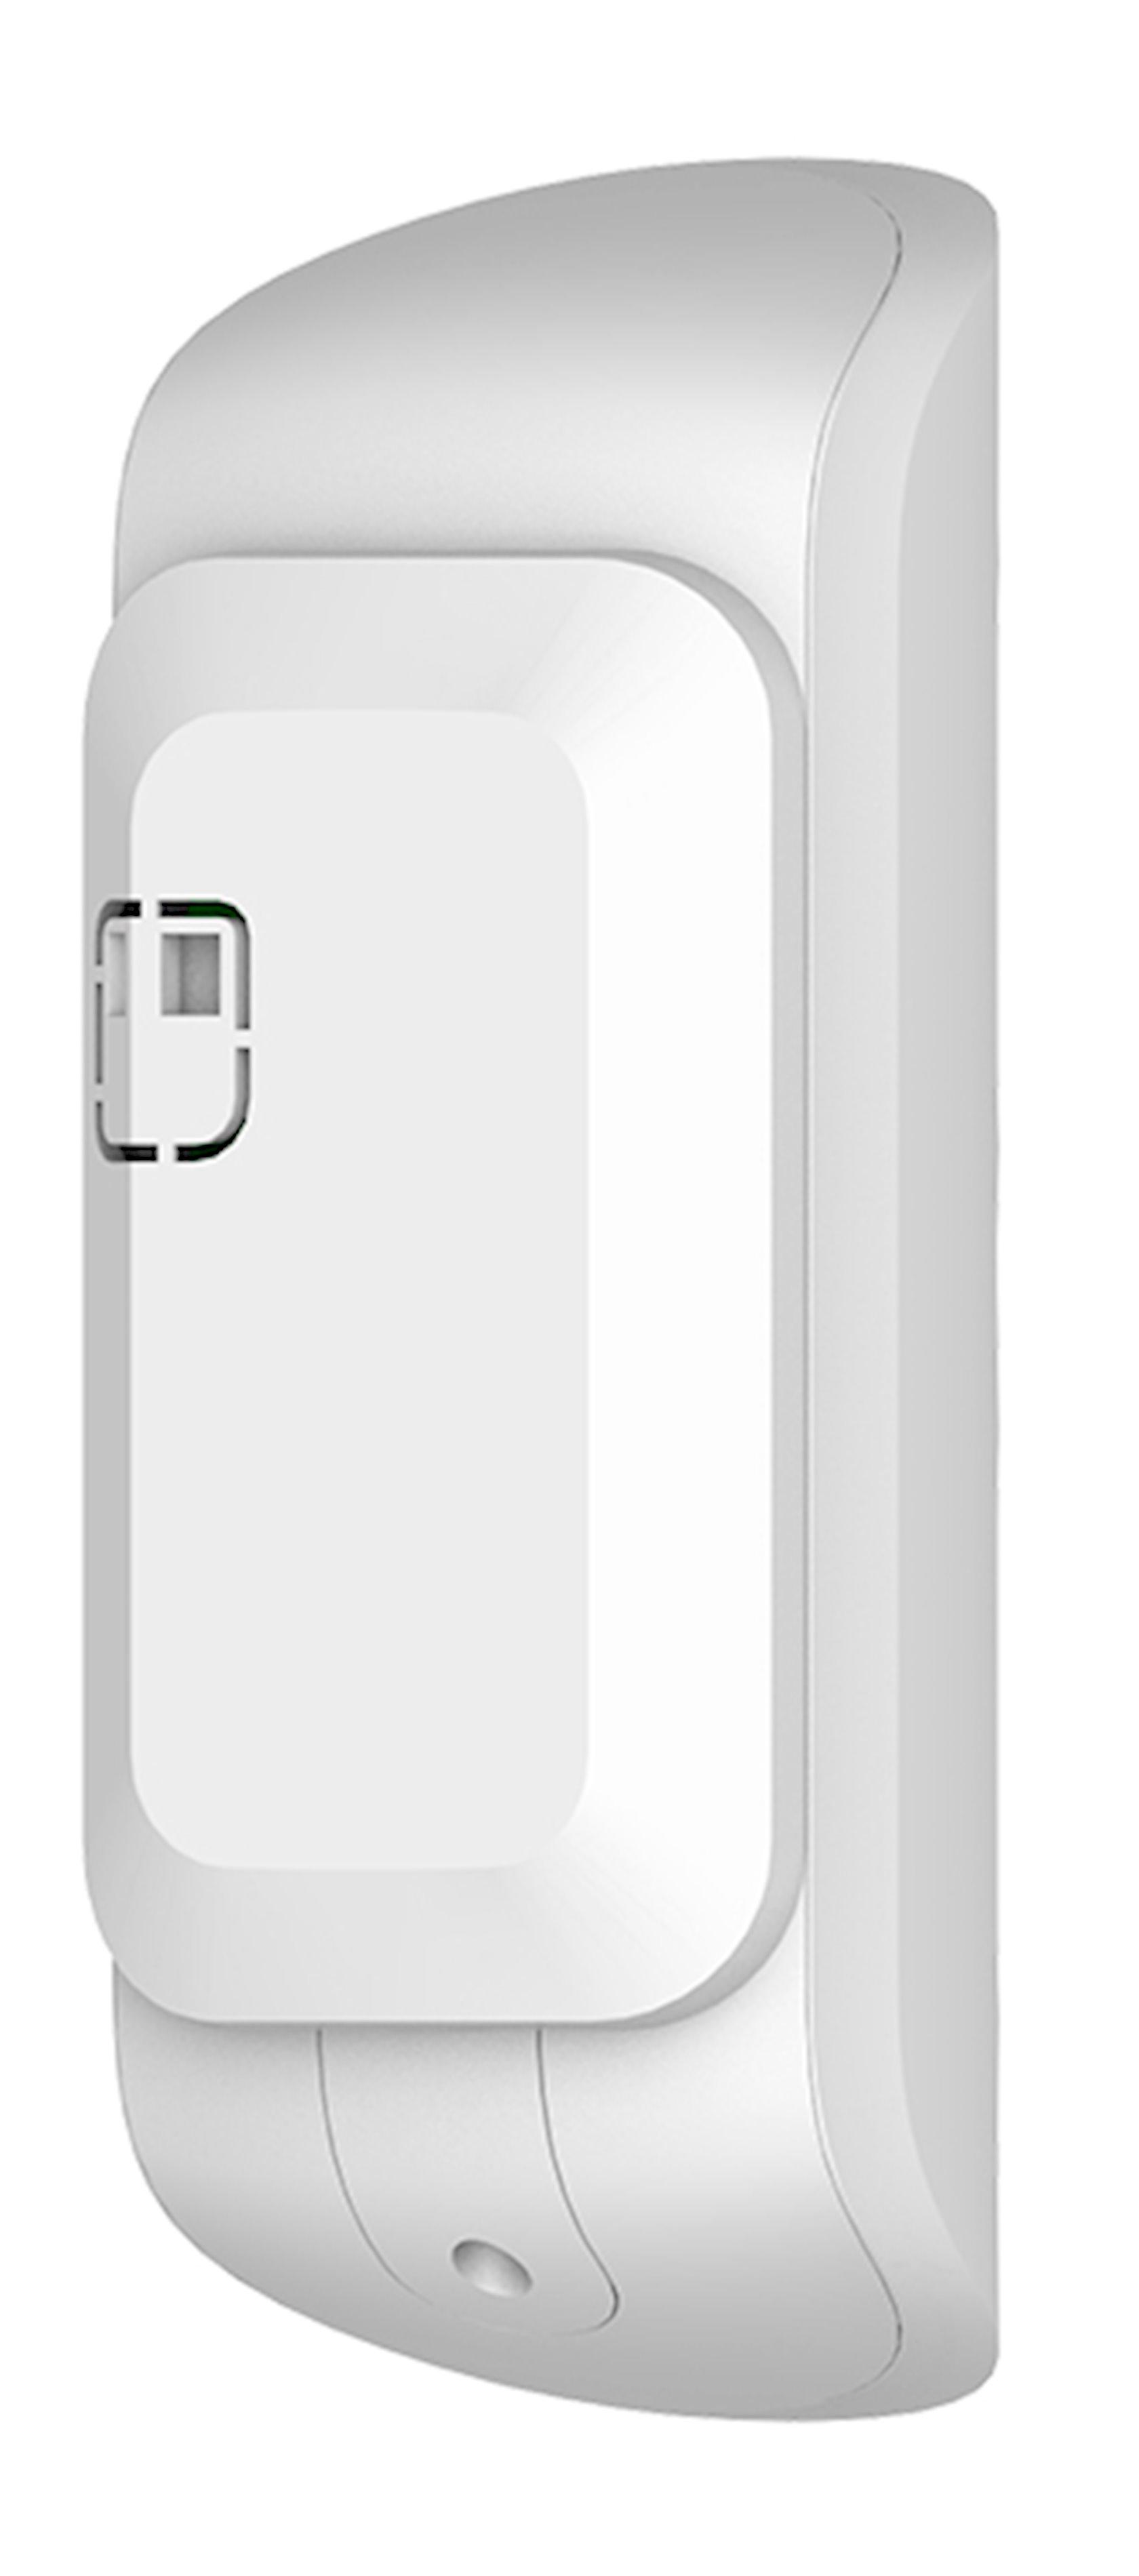 Simsiz hərəkət sensoru Ajax MotionProtect Outdoor White